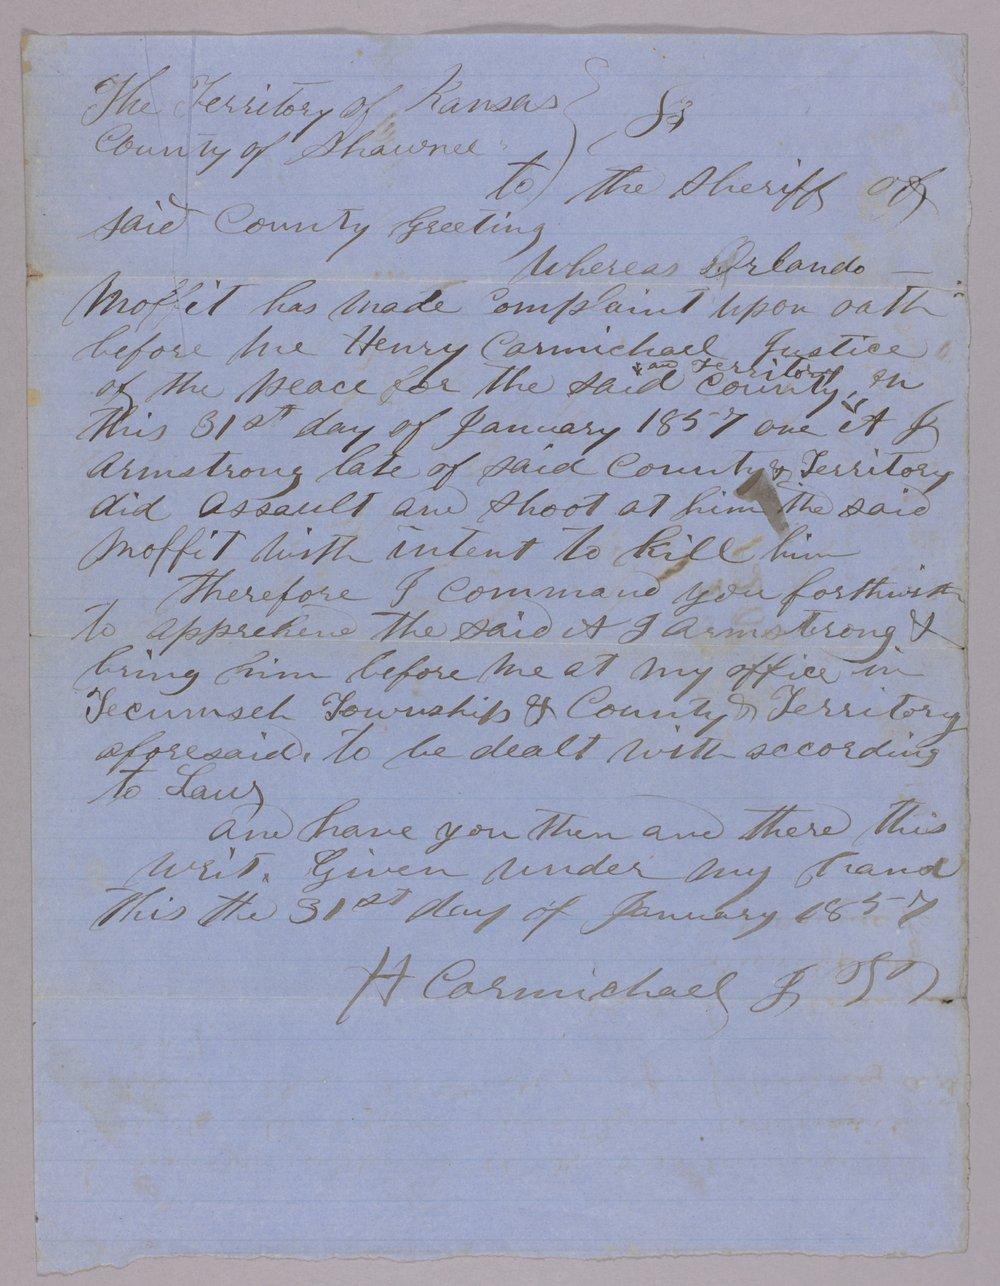 Kansas Territory versus A. J. Armstrong for assault on Orlando Moffitt - 1